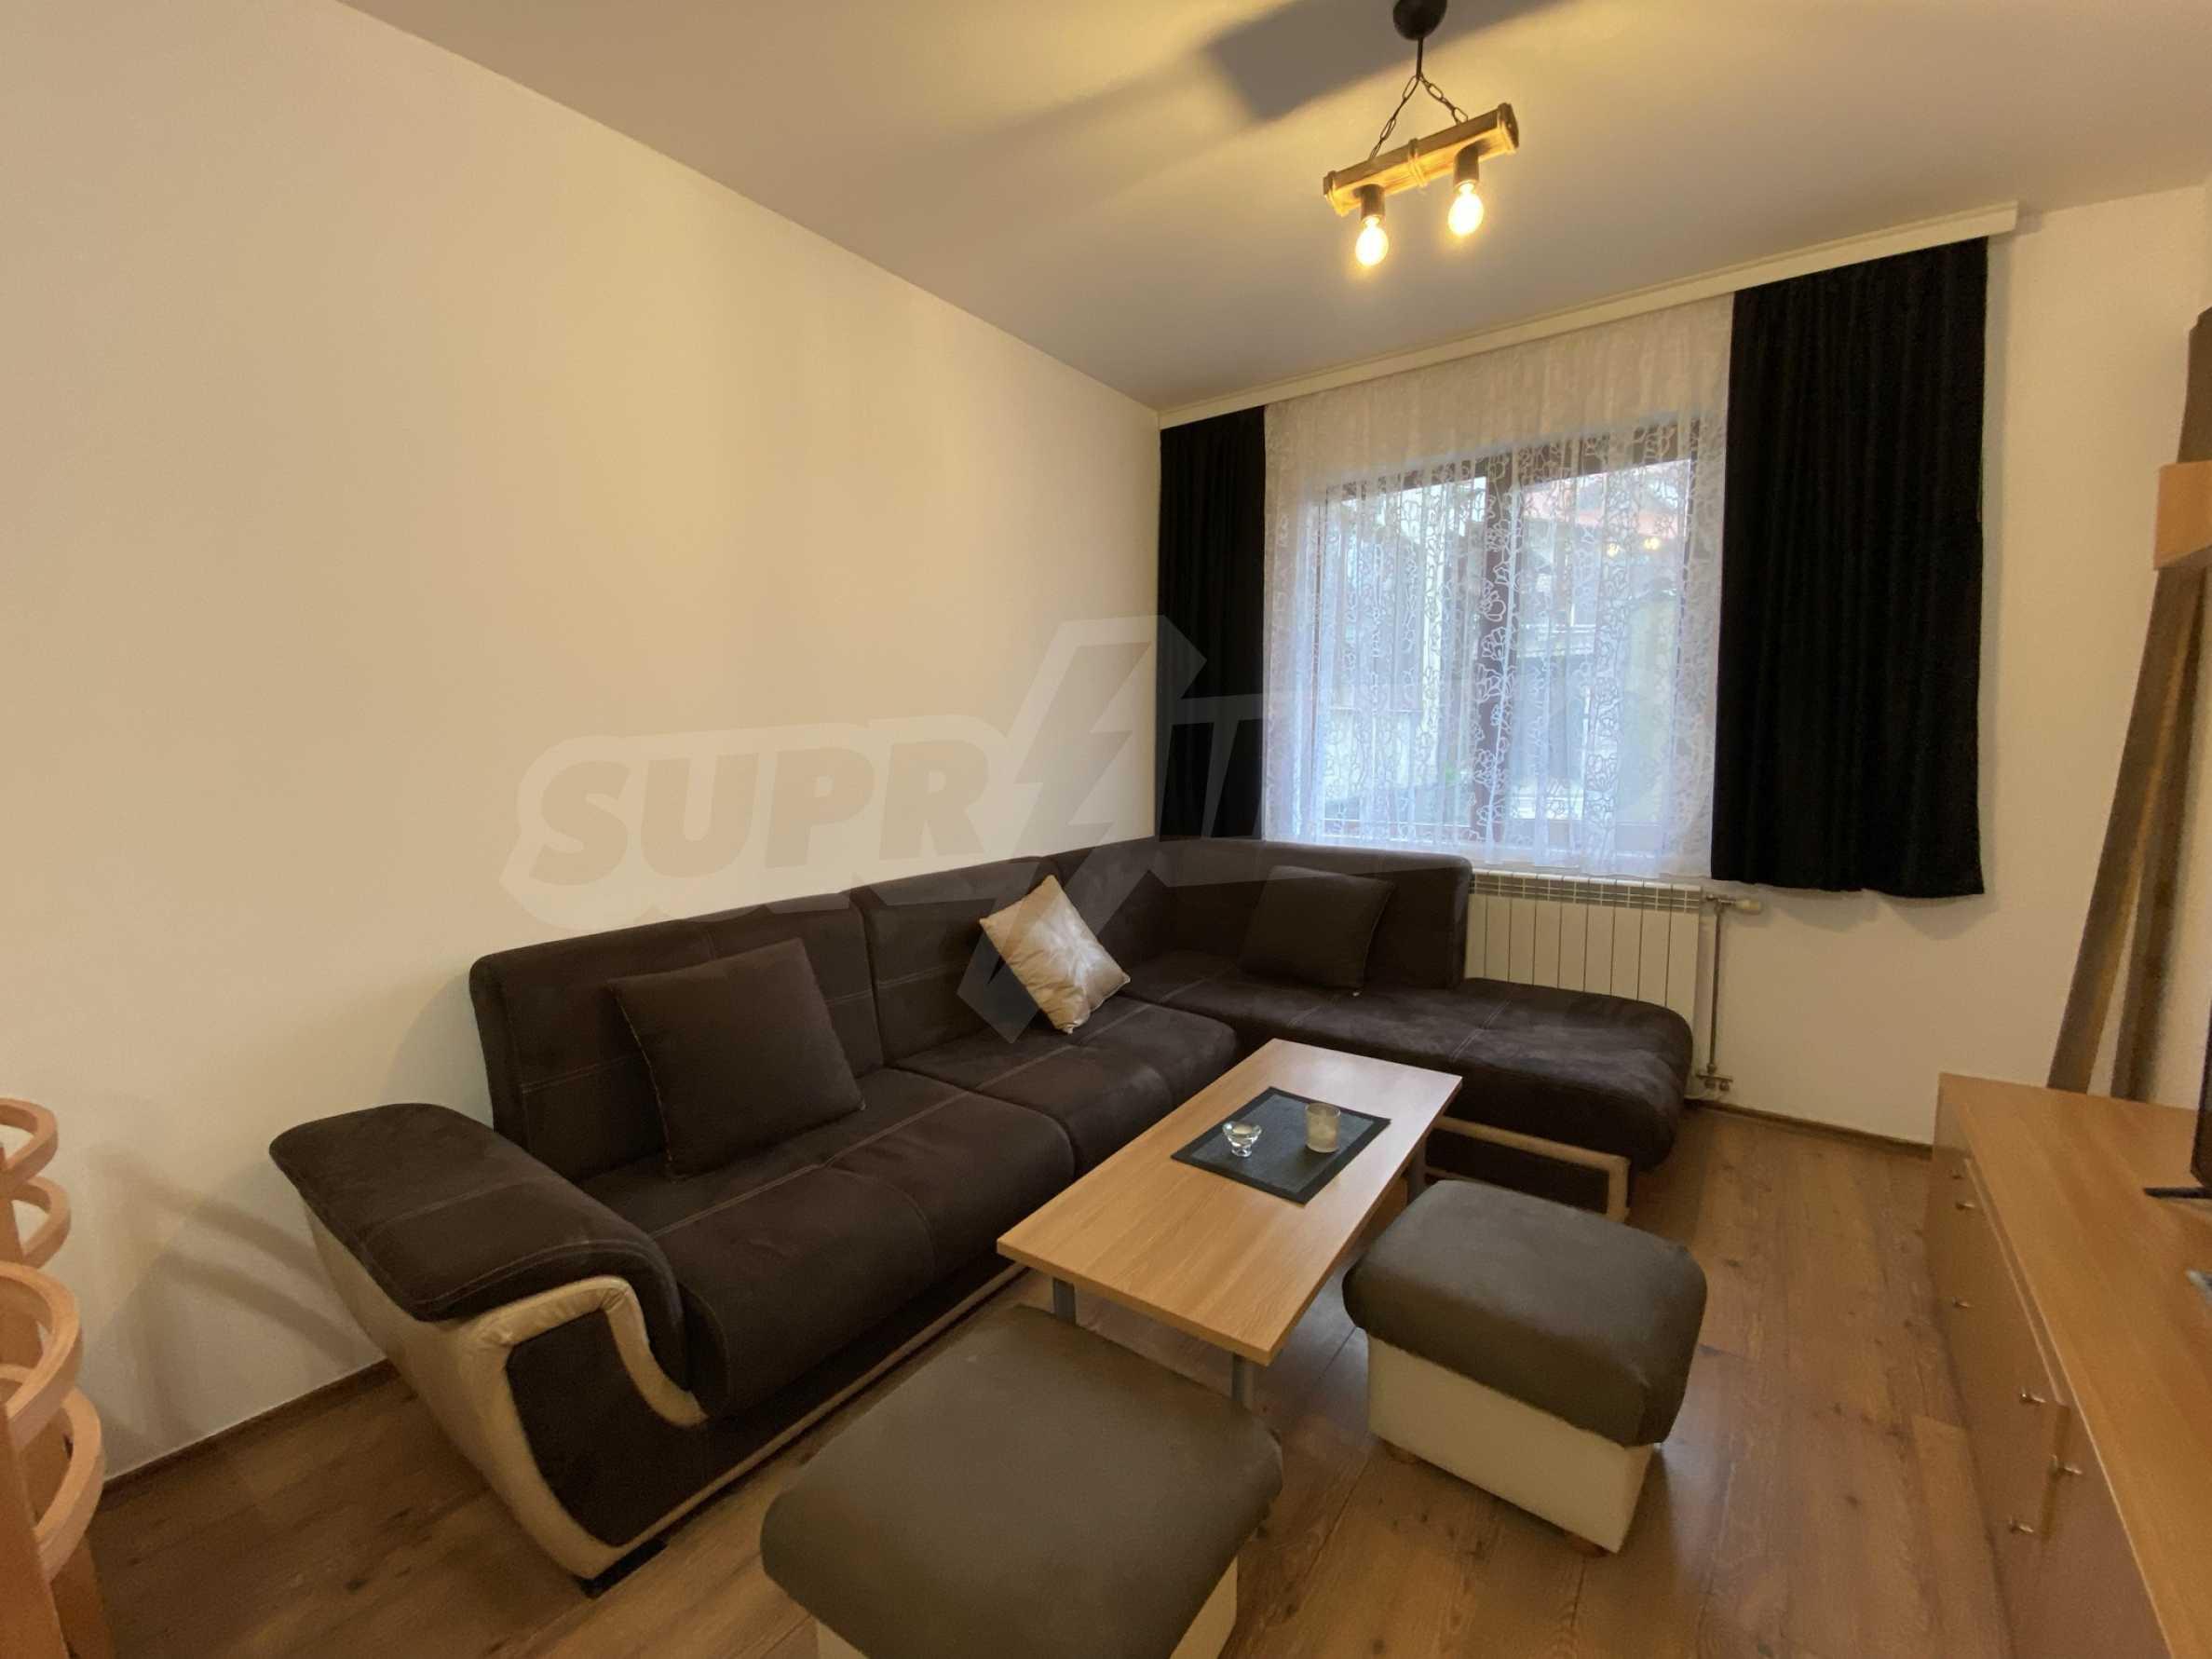 Тристаен апартамент за продажба в близост до ски зоната в Банско  10